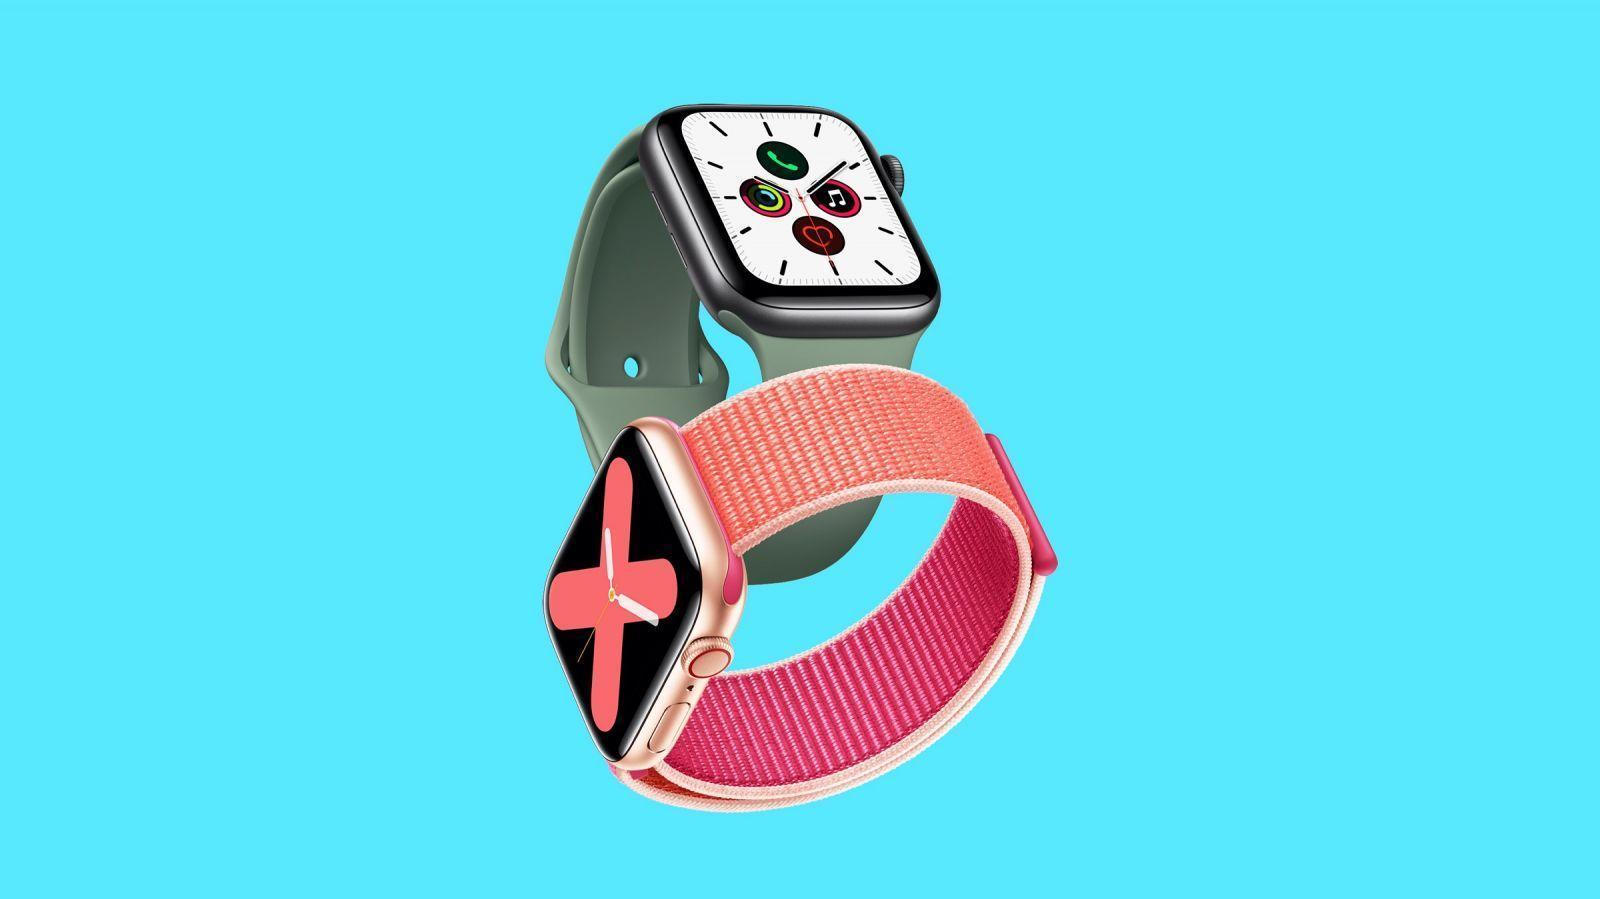 Apple Watch Series 6 будет поддерживать мониторинг уровня кислорода в крови и отслеживание сна (apple watch ta)